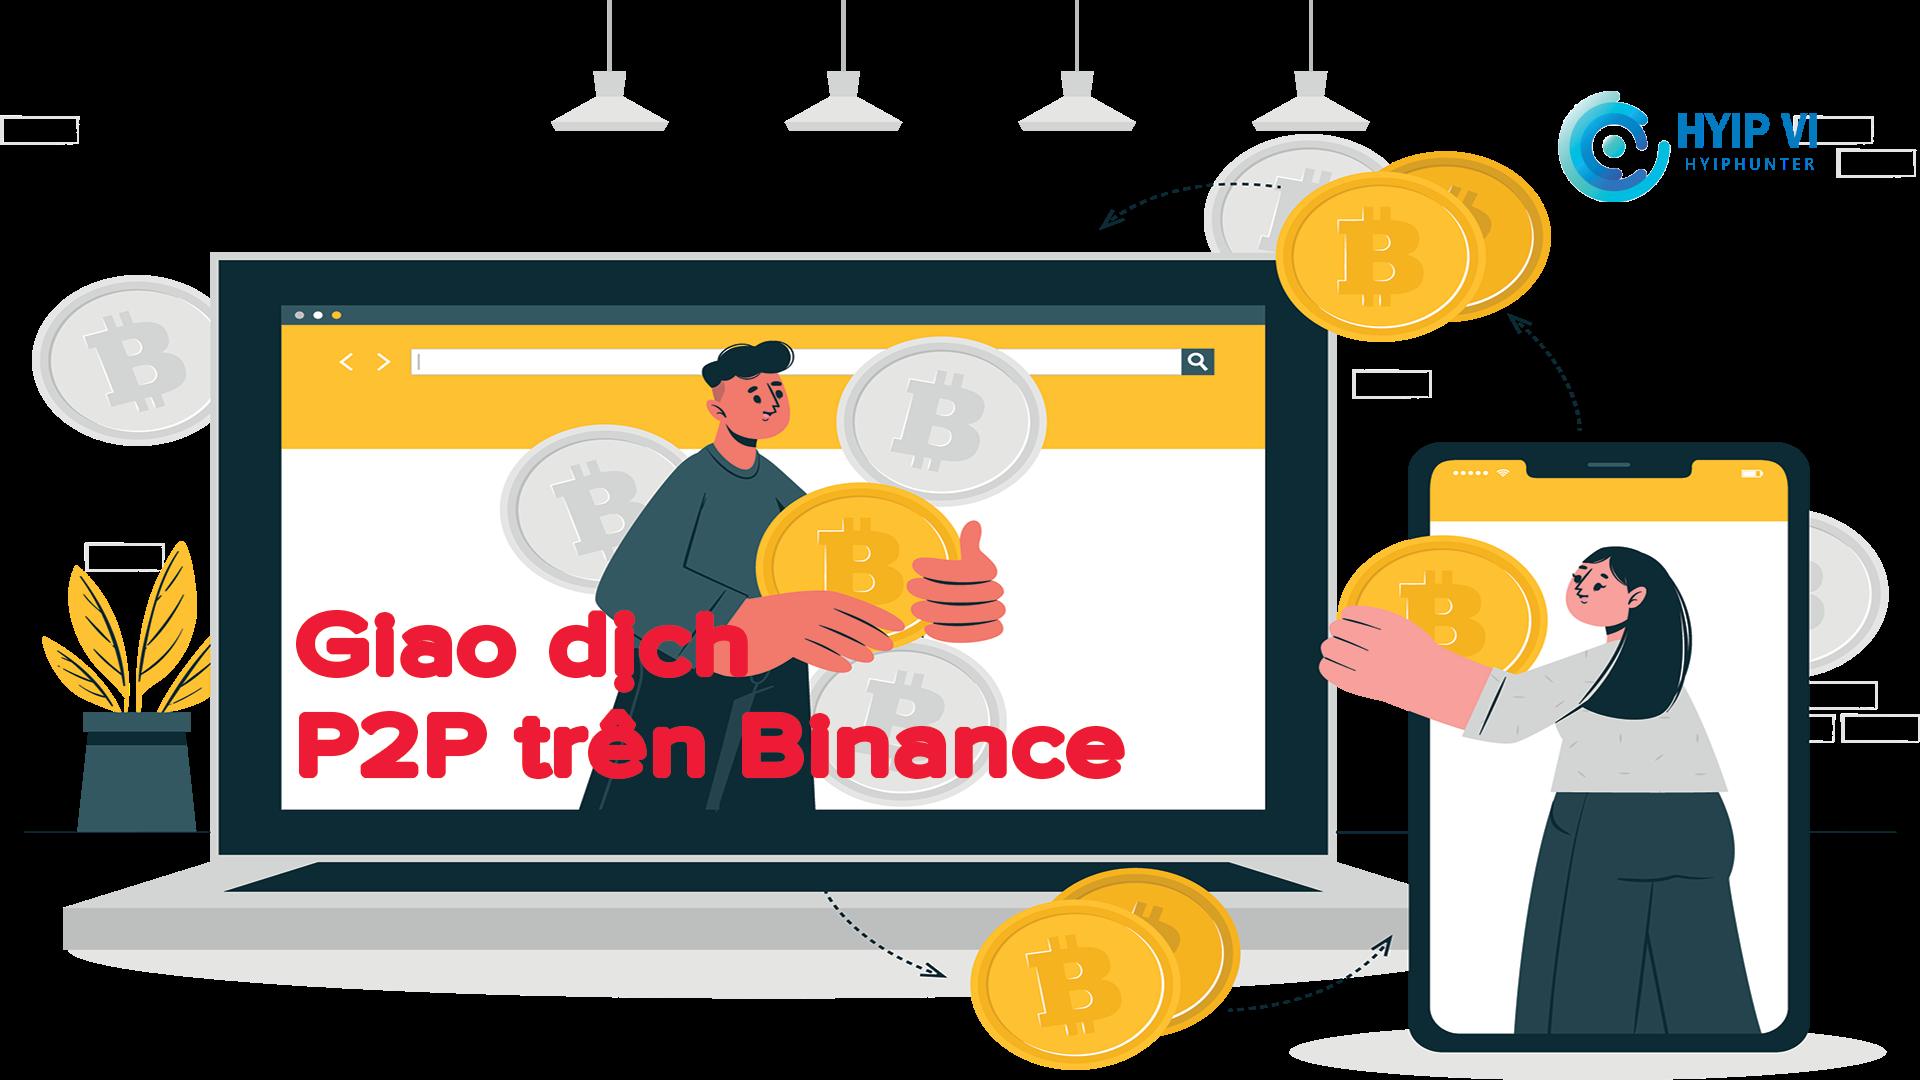 Hướng dẫn toàn bộ cách giao dịch p2p trên binance